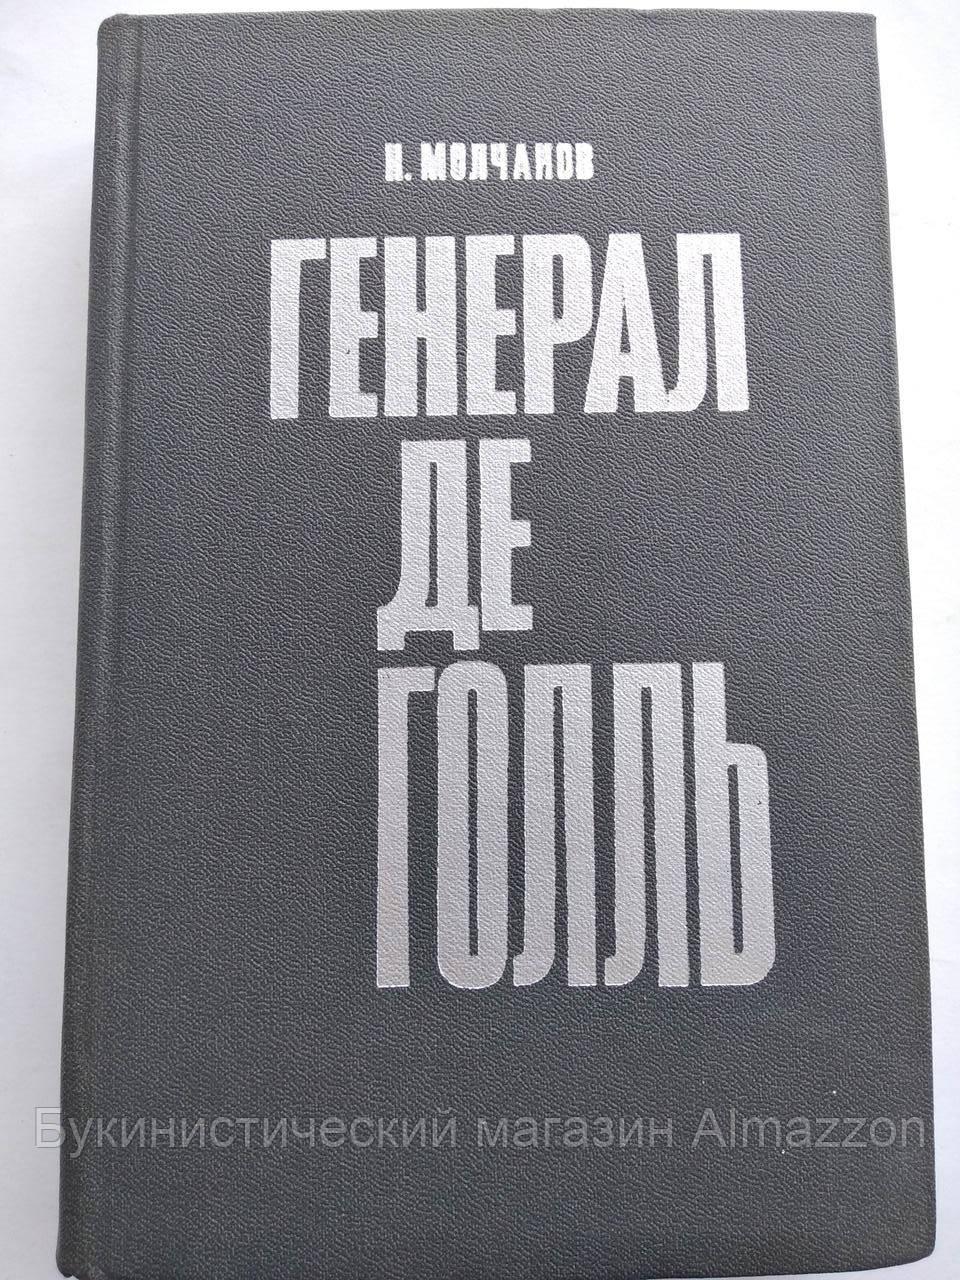 Генерал де Голль. Н.Н.Молчанов. 1972 год. Международные отношения